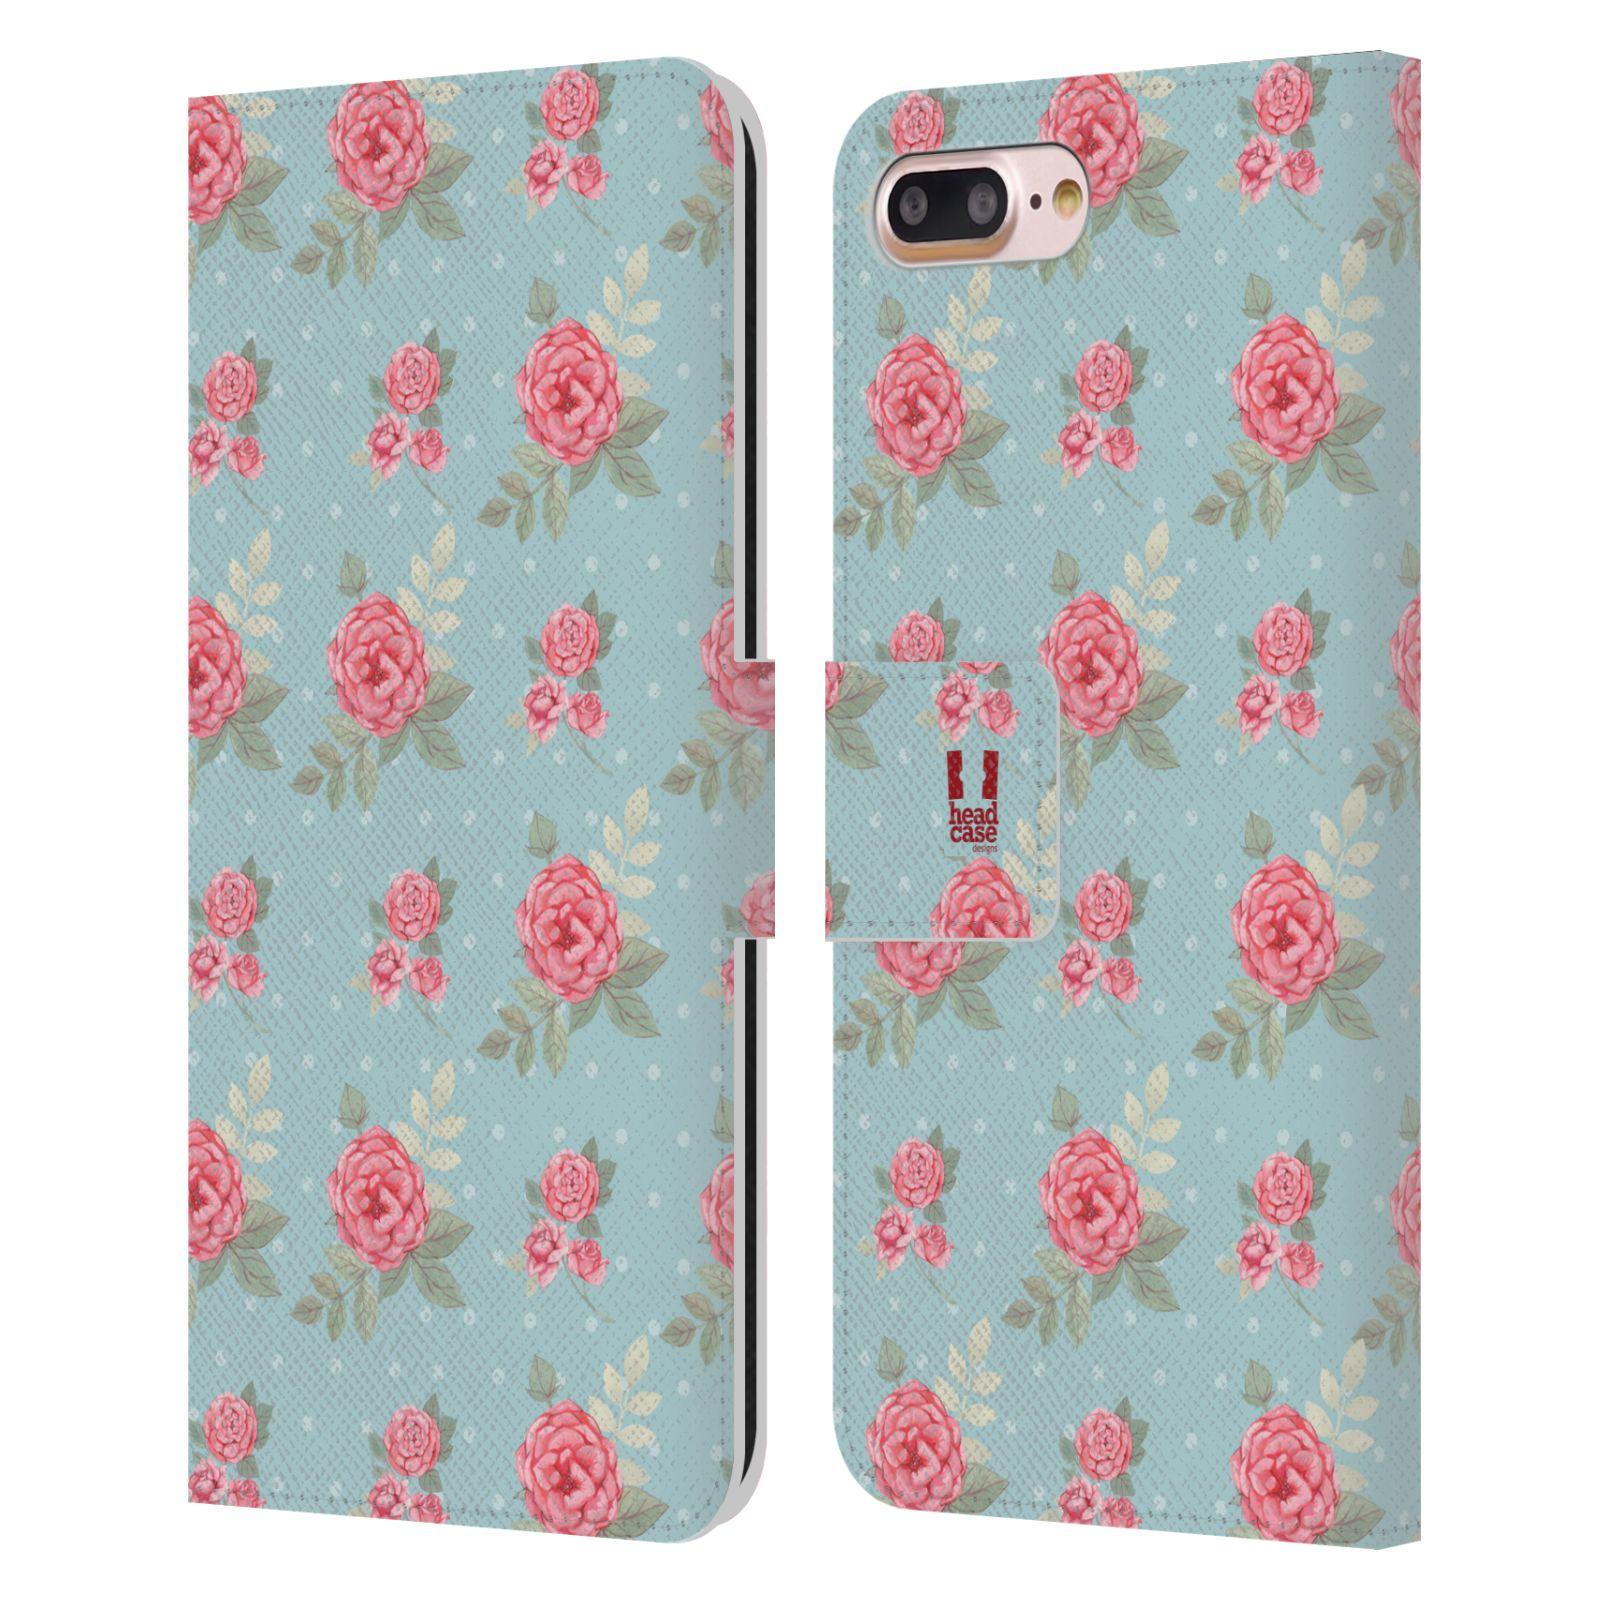 HEAD CASE Flipové pouzdro pro mobil Apple Iphone 7 PLUS / 8 PLUS romantické květy anglické růže modrá a růžová